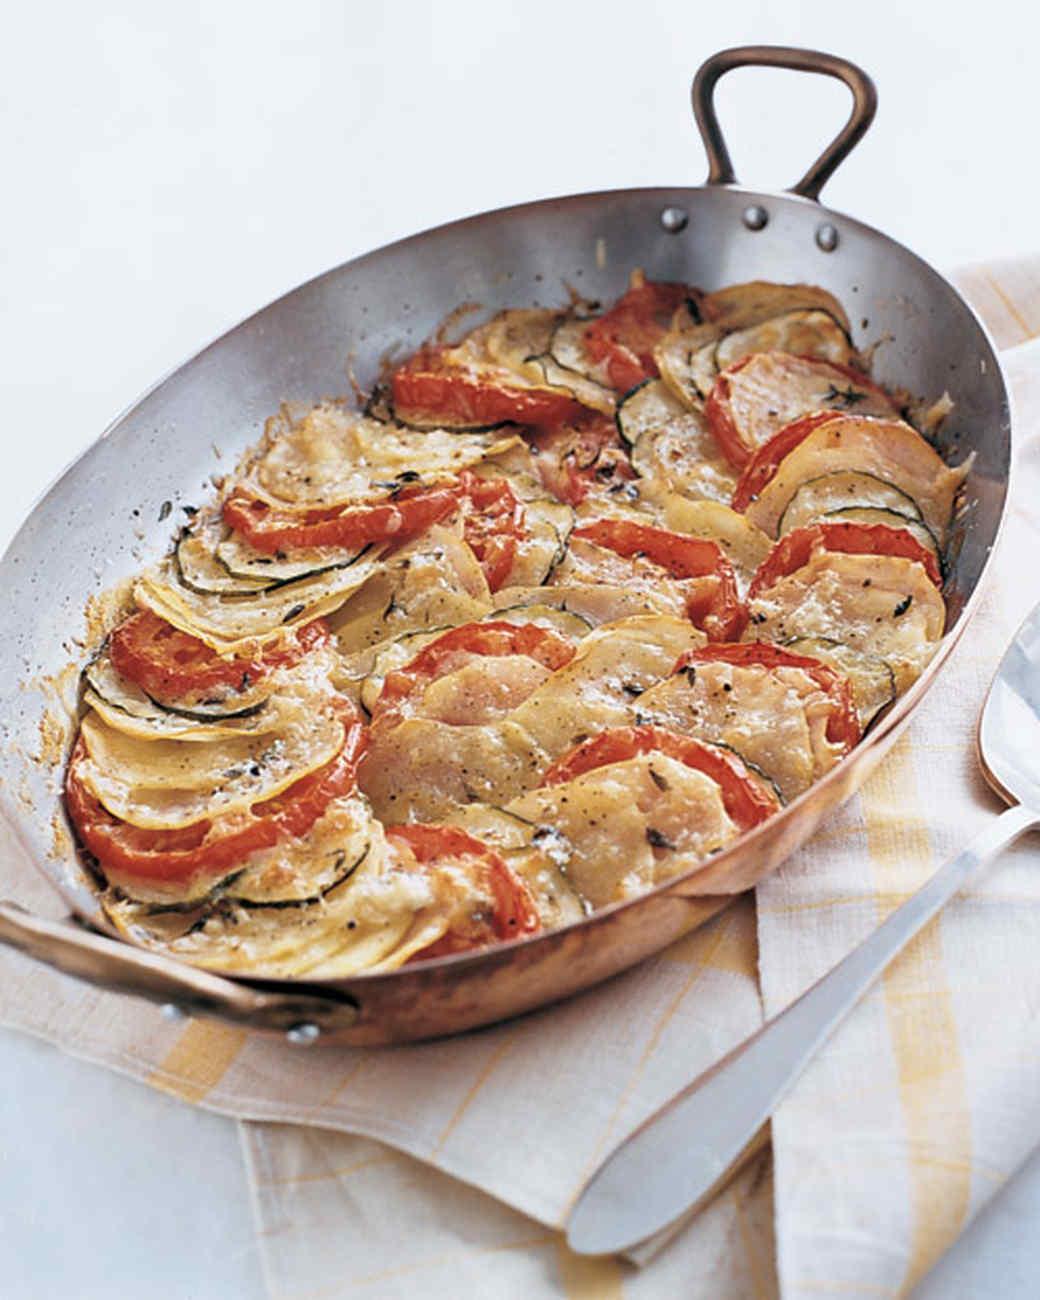 Potato, Zucchini, and Tomato Gratin